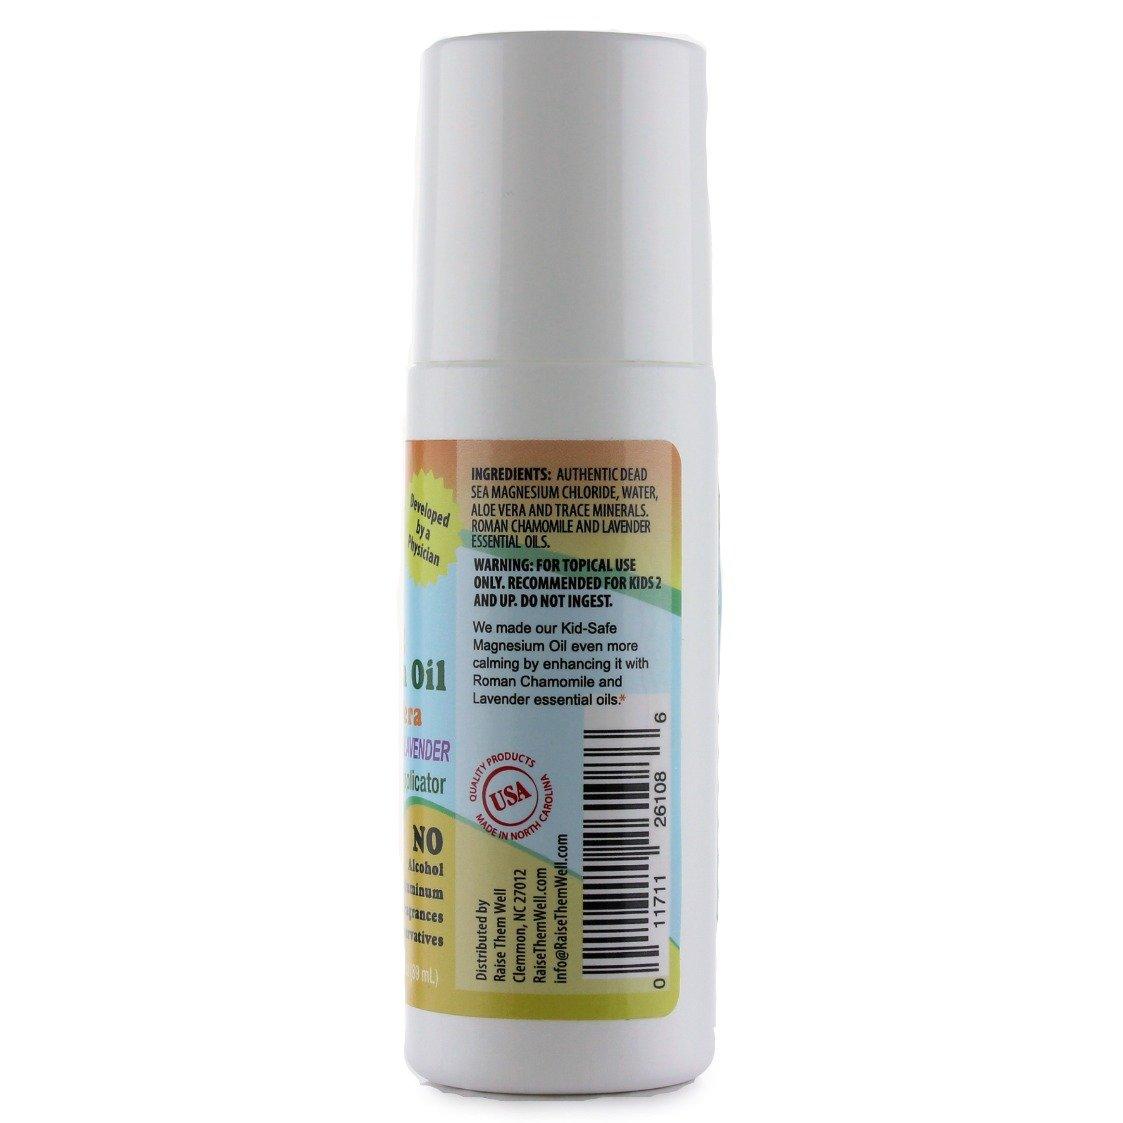 Kid Safe Calmante magnesio aceite con aceites esenciales de lavanda y camomila romanos. Combinado con Aloe Vera por lo que no quemar o pica.